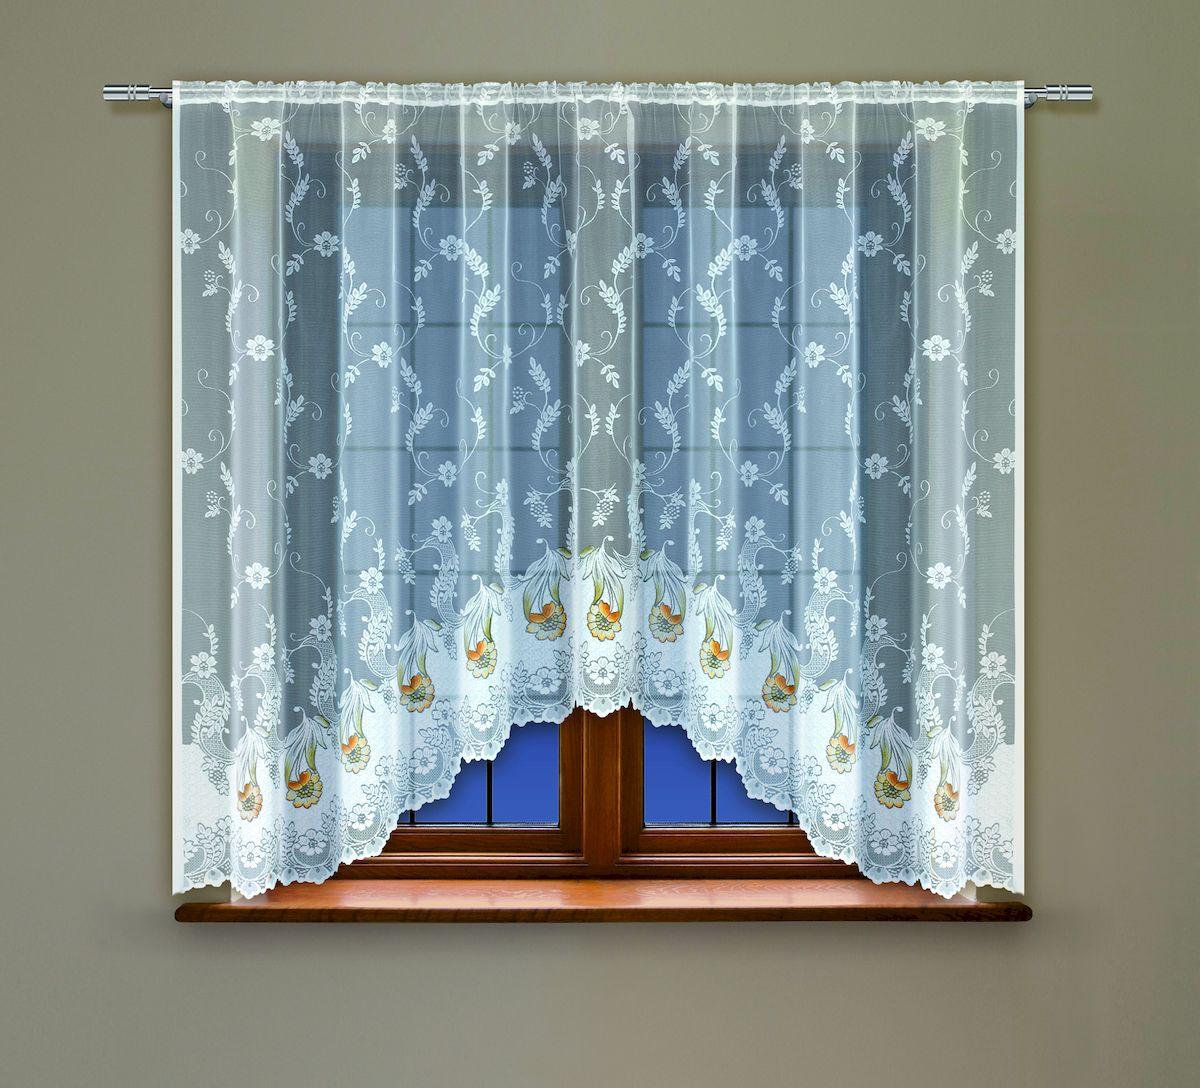 Гардина Haft, на кулиске, цвет: белый, высота 137 см. 20850140.13.64.0243Воздушная гардина Haft, выполненная из полиэстера, великолепно украсит любое окно.Изделие имеет оригинальный дизайн и органично впишется в интерьер помещения.Гардина крепится на карниз при помощи кулиски.